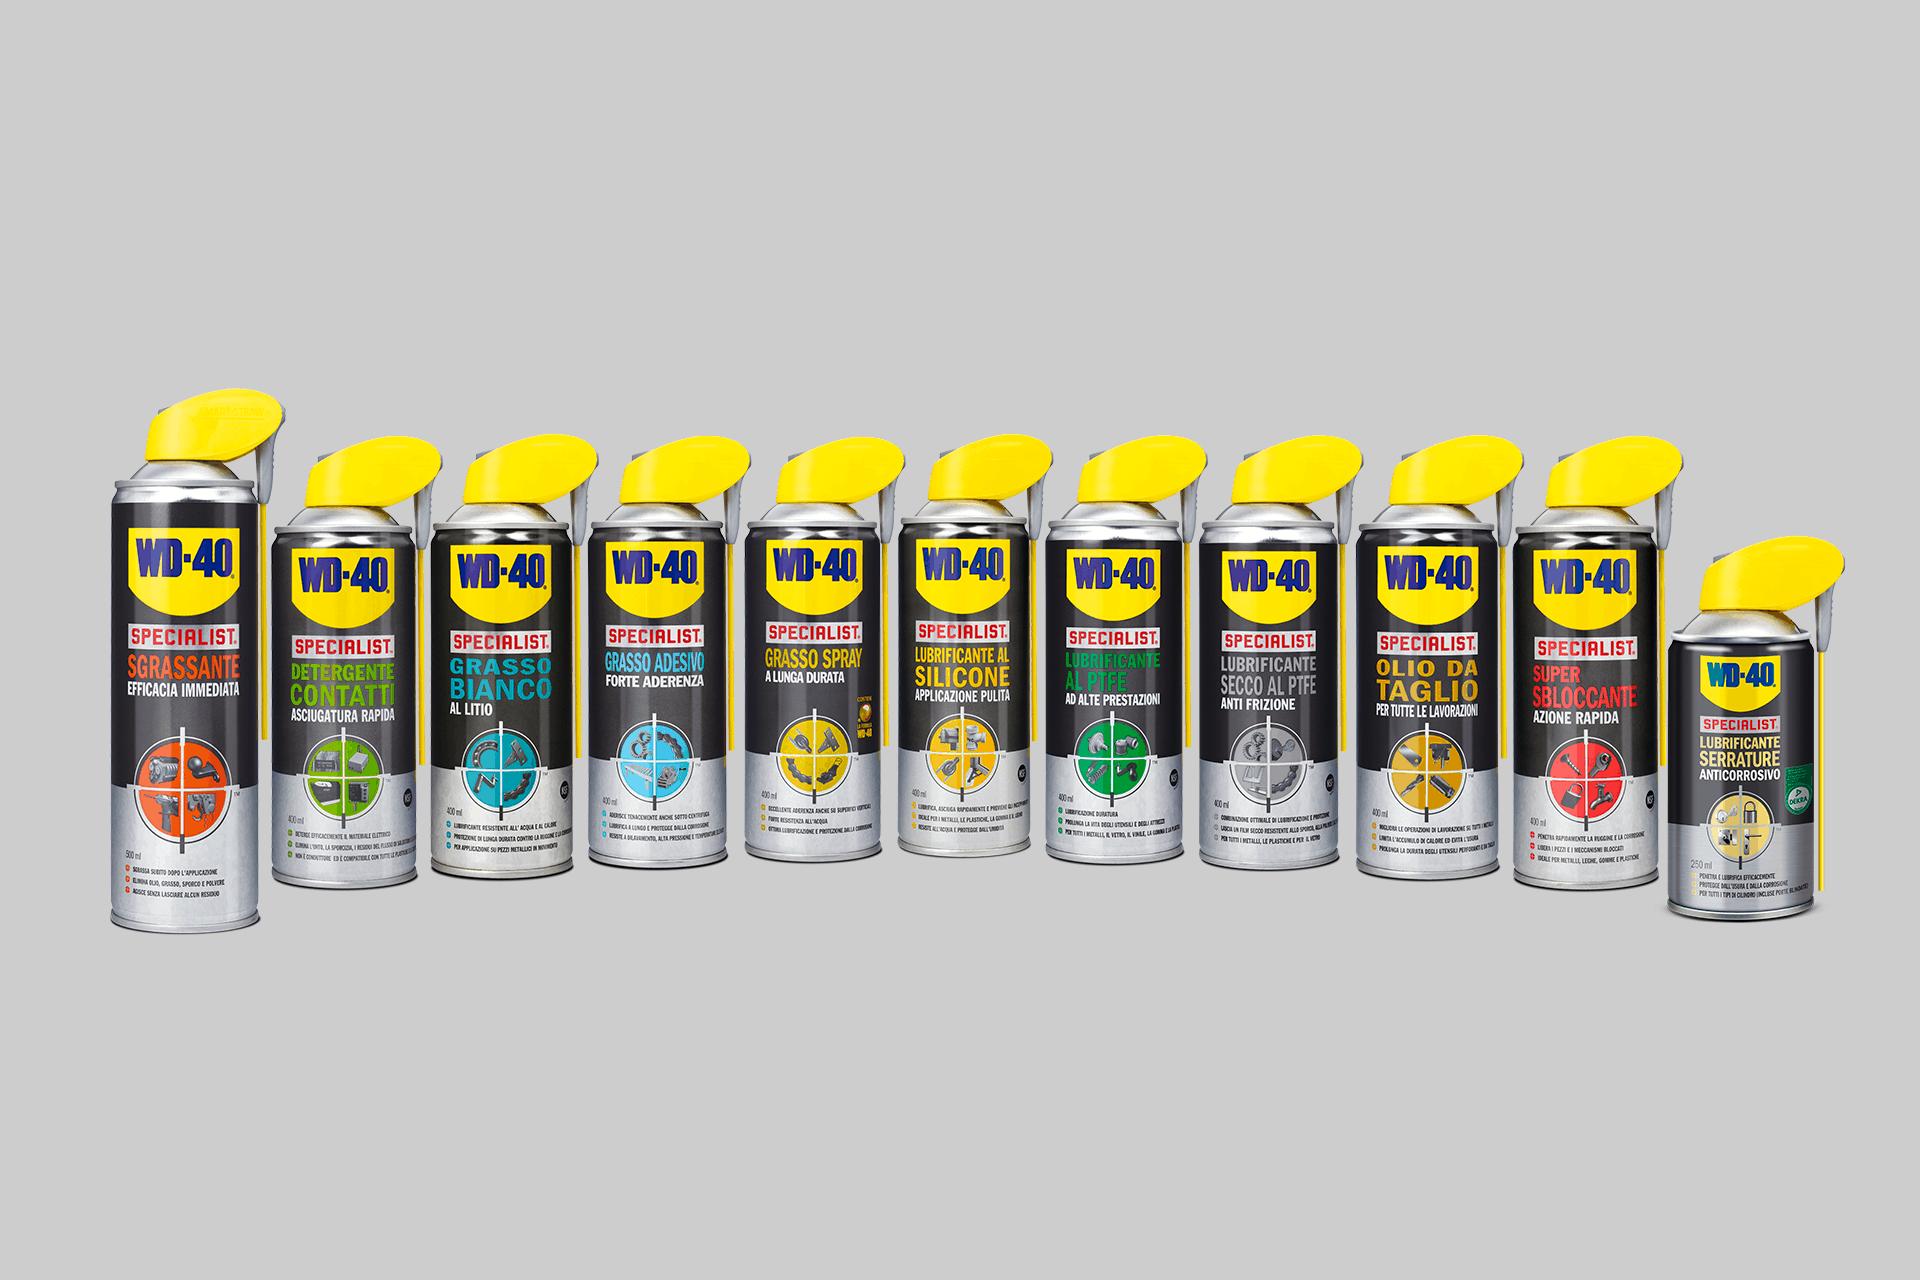 Quale lubrificante usare?